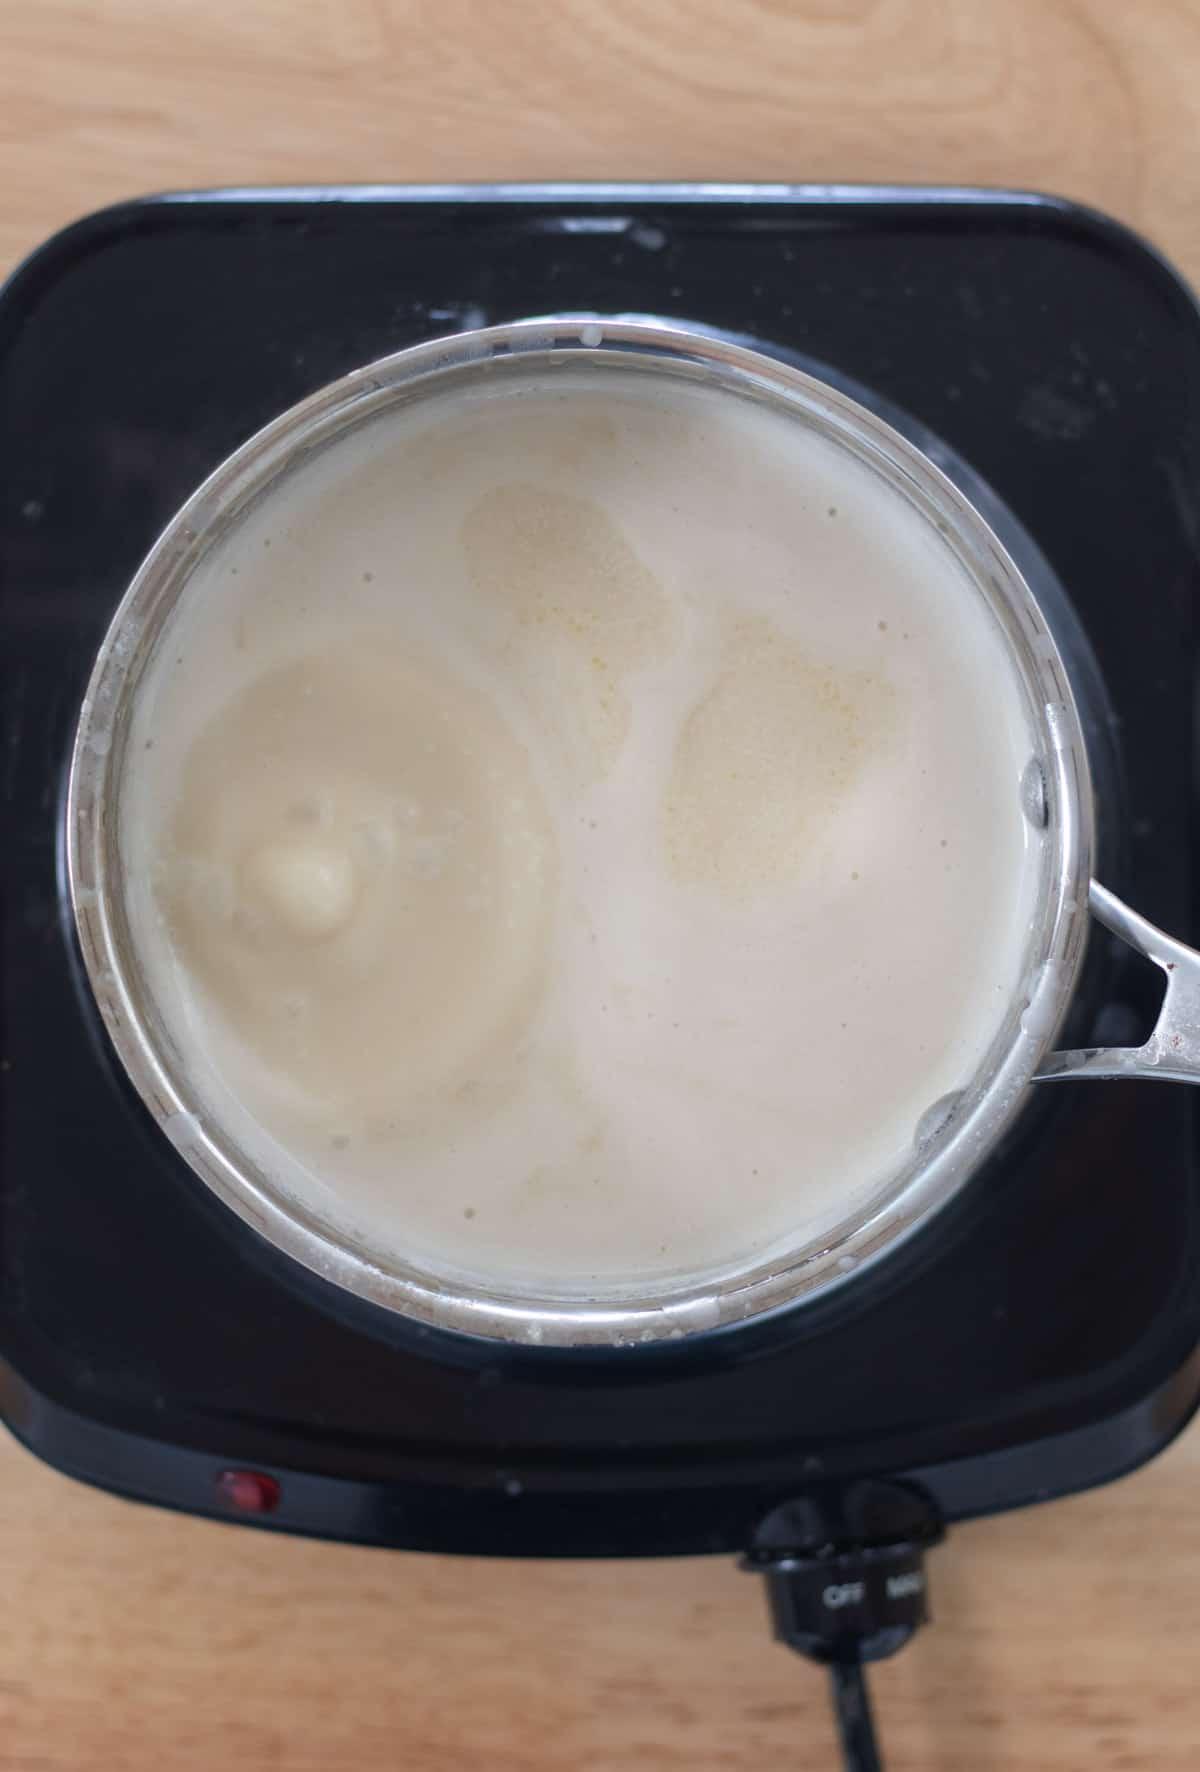 mixture boiling in saucepan